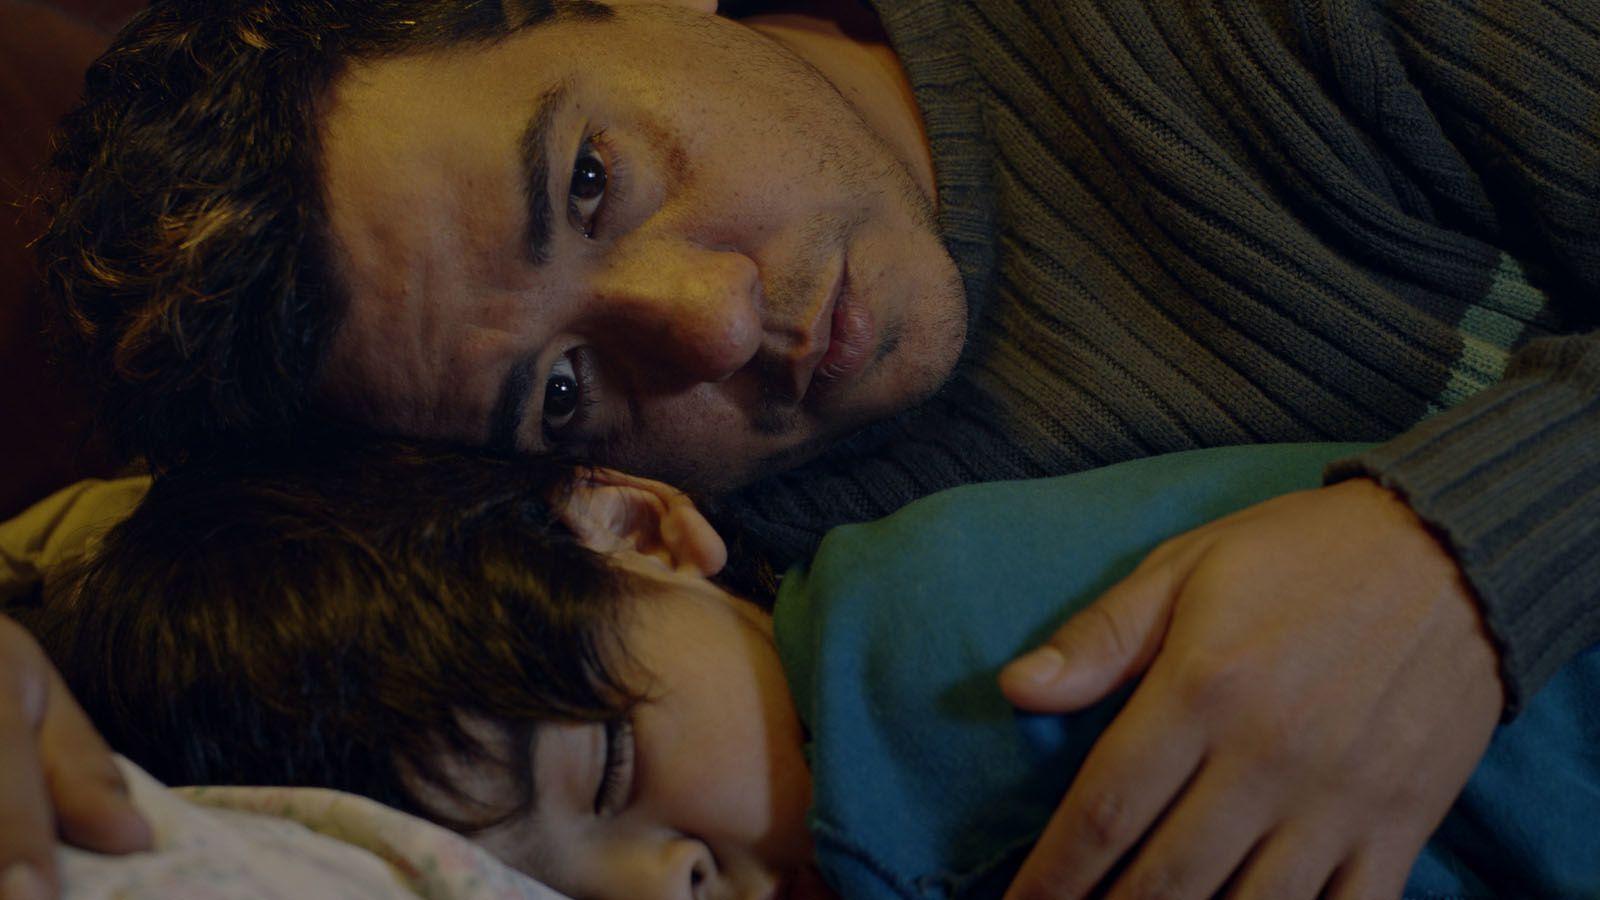 L'Homme à la moto (BANDE-ANNONCE) de Agustin Toscano - Le 3 avril 2019 au cinéma